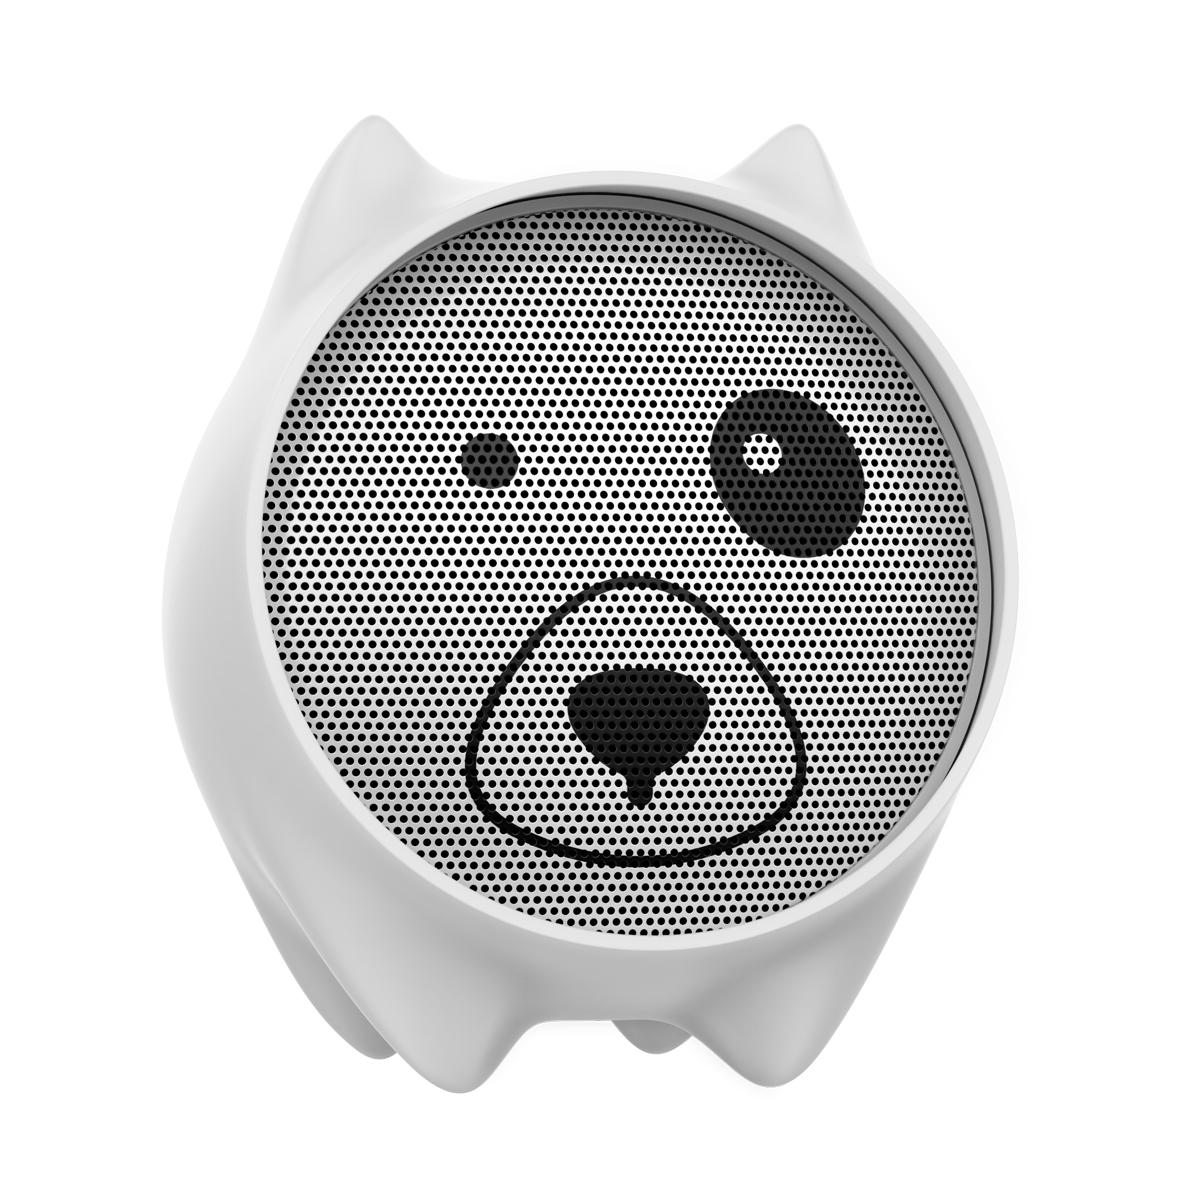 Беспроводная акустика Baseus Dogz E06 White (NGE06-02)